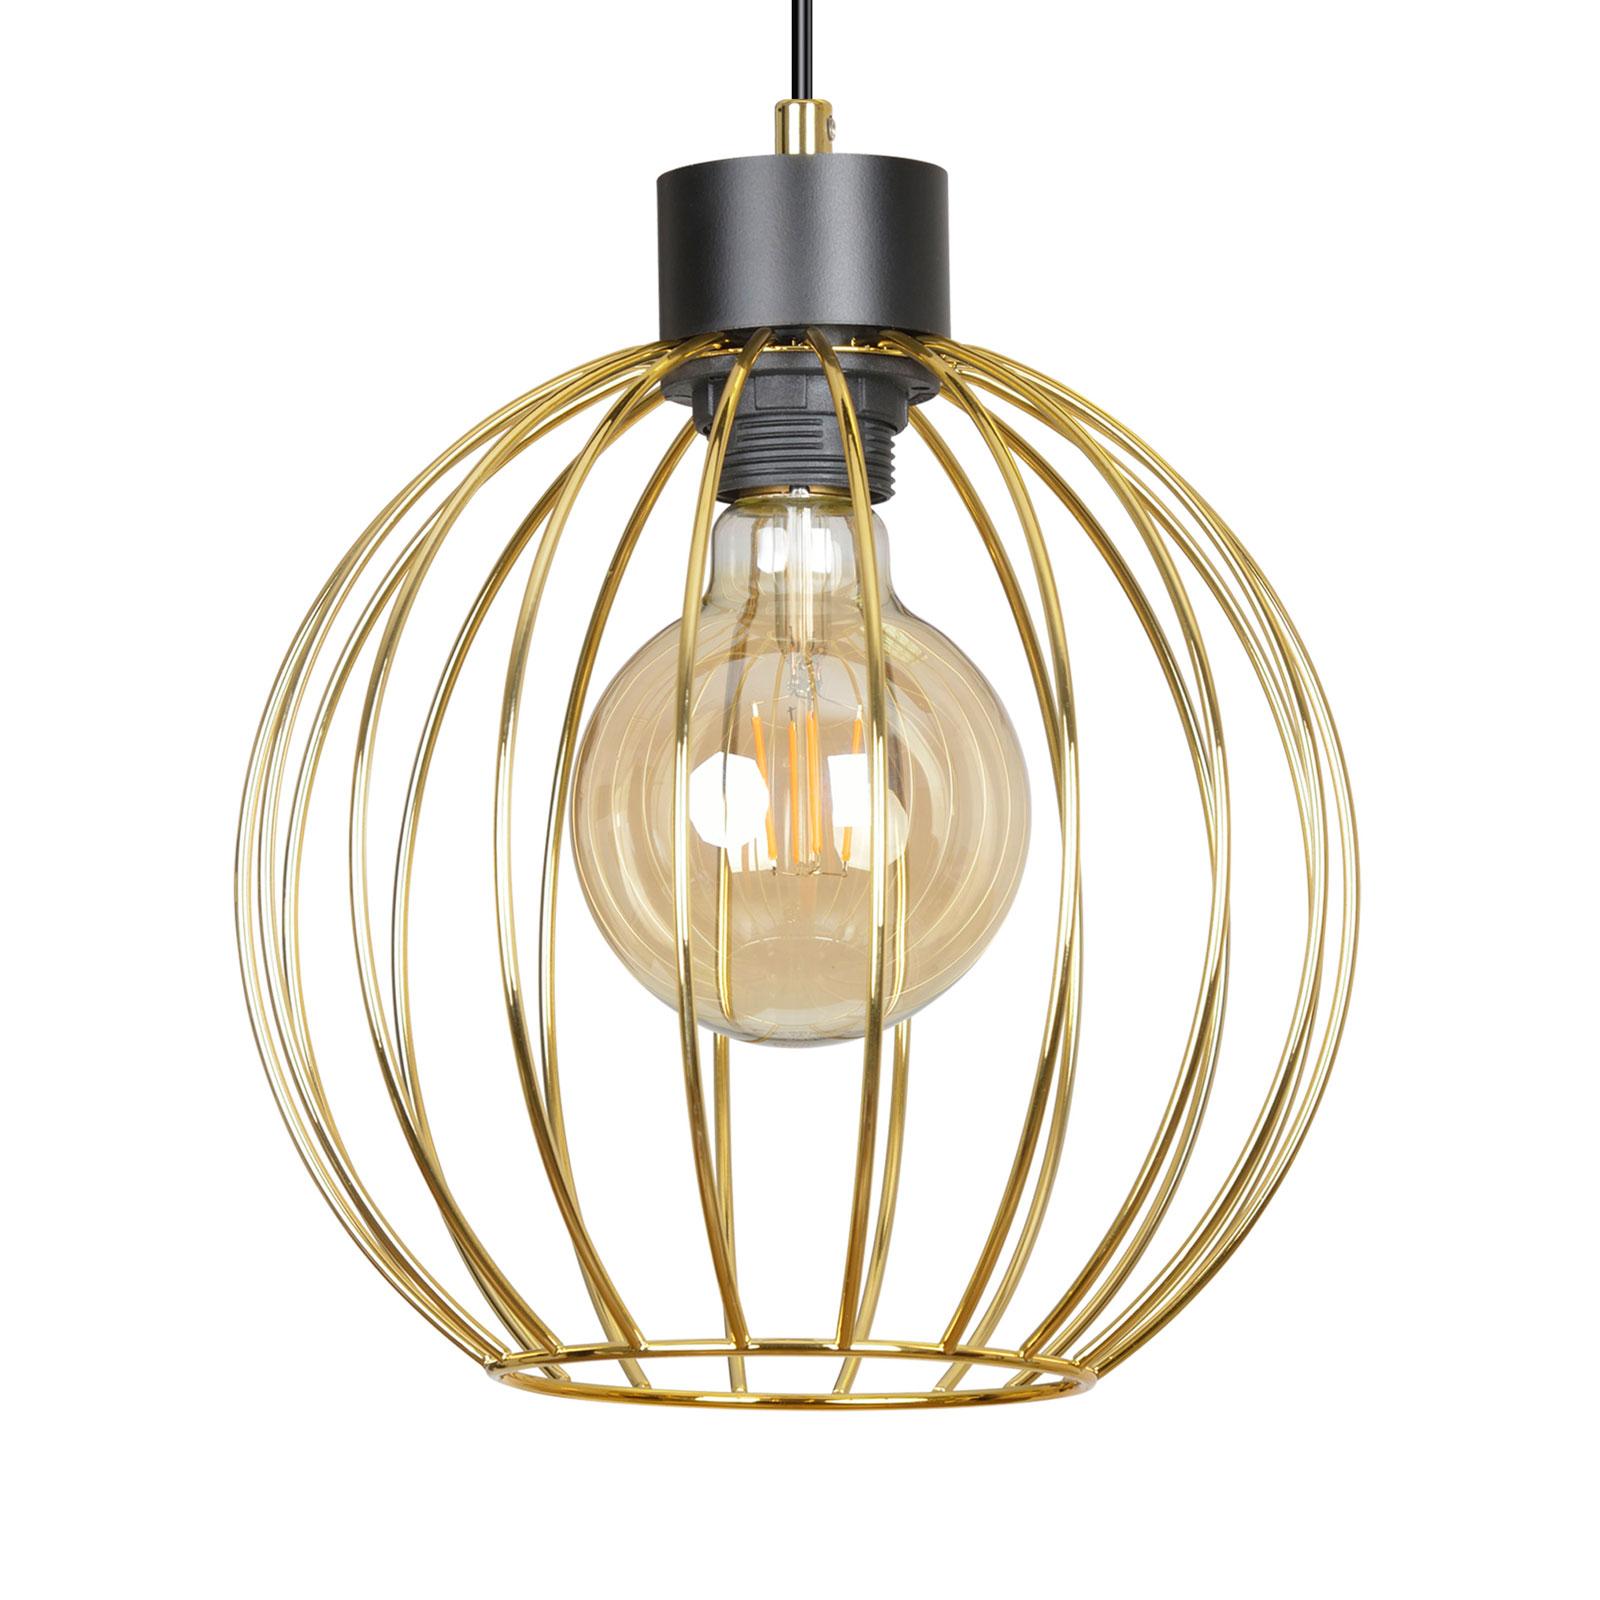 Lampa wisząca Pineta 1 czarna, klosz złoty